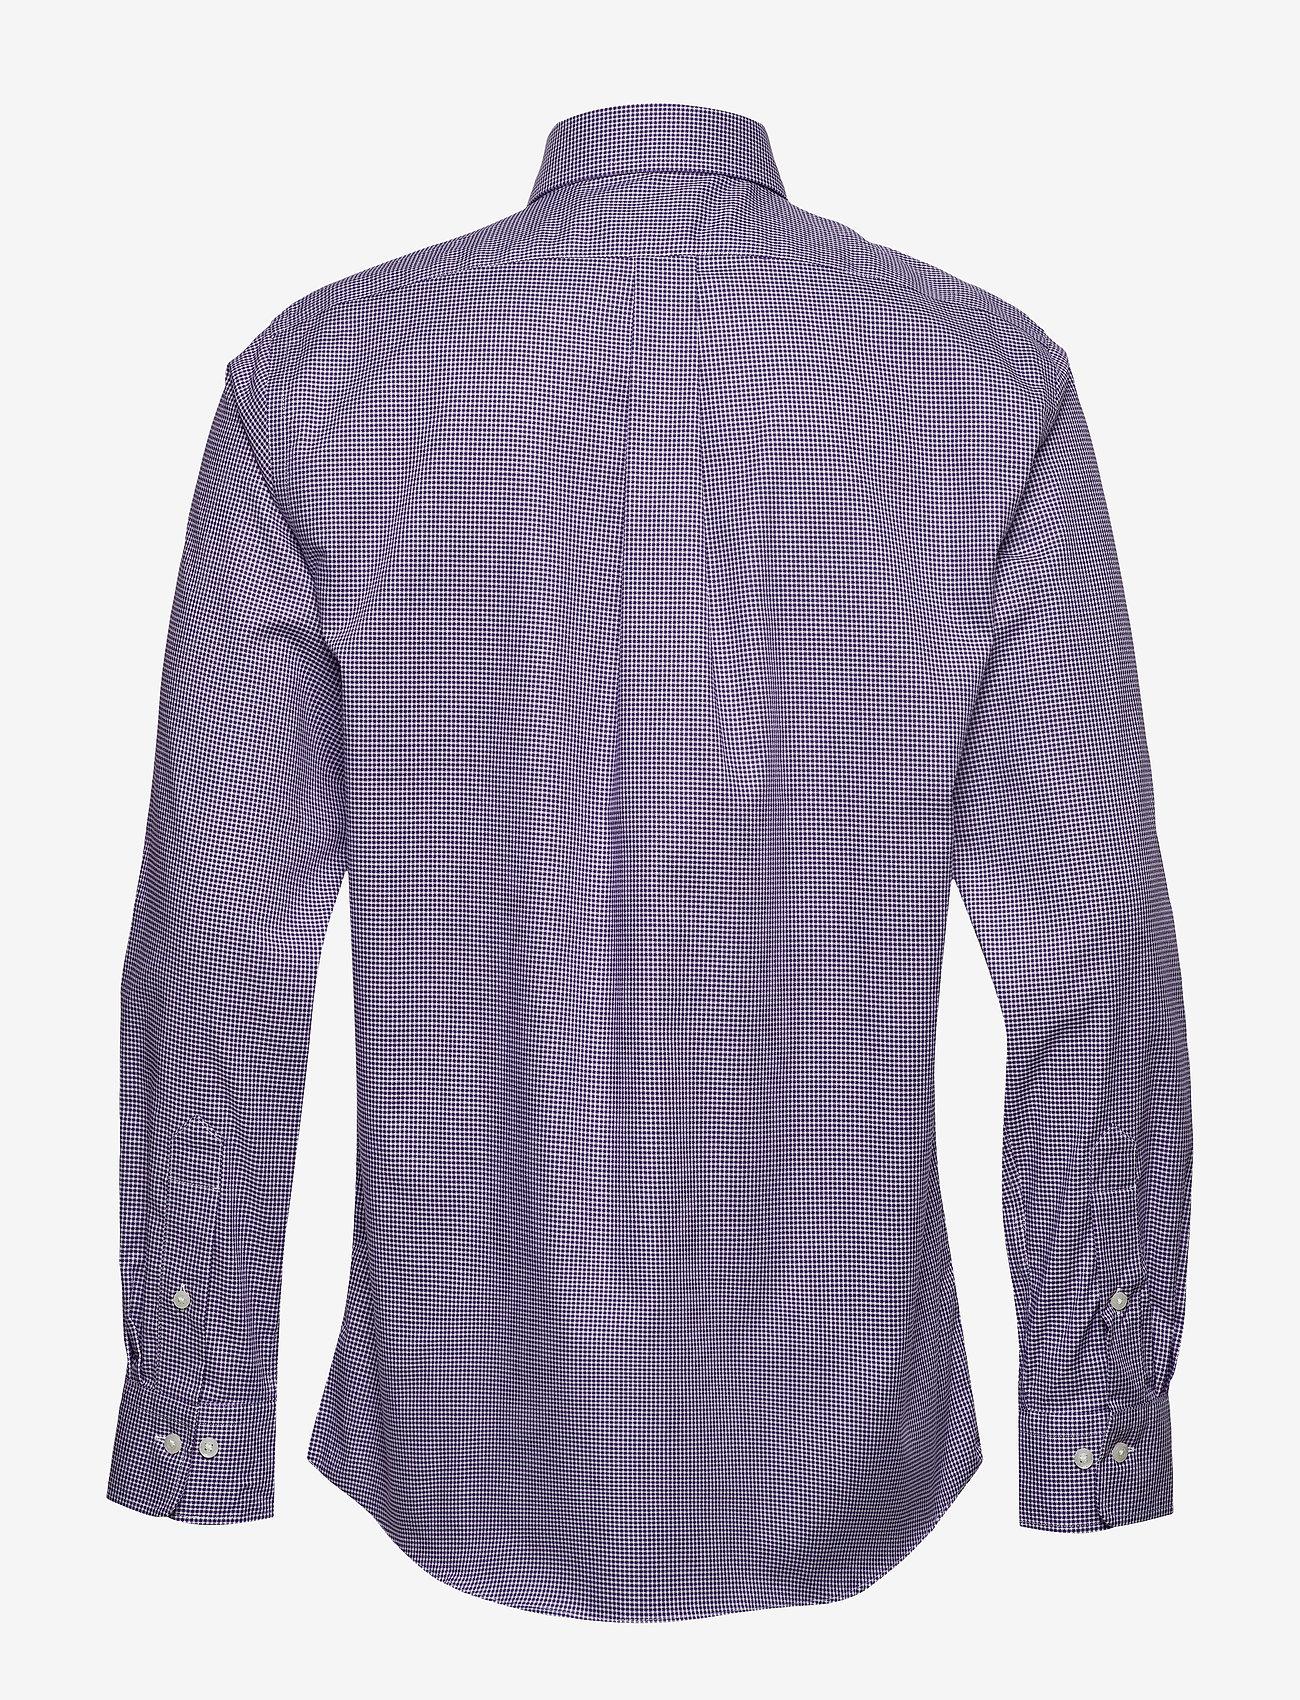 Ft Bd Lo Nk-dress Shirt (5525a Royal Purpl) (419.40 kr) - Lauren Ralph Lauren